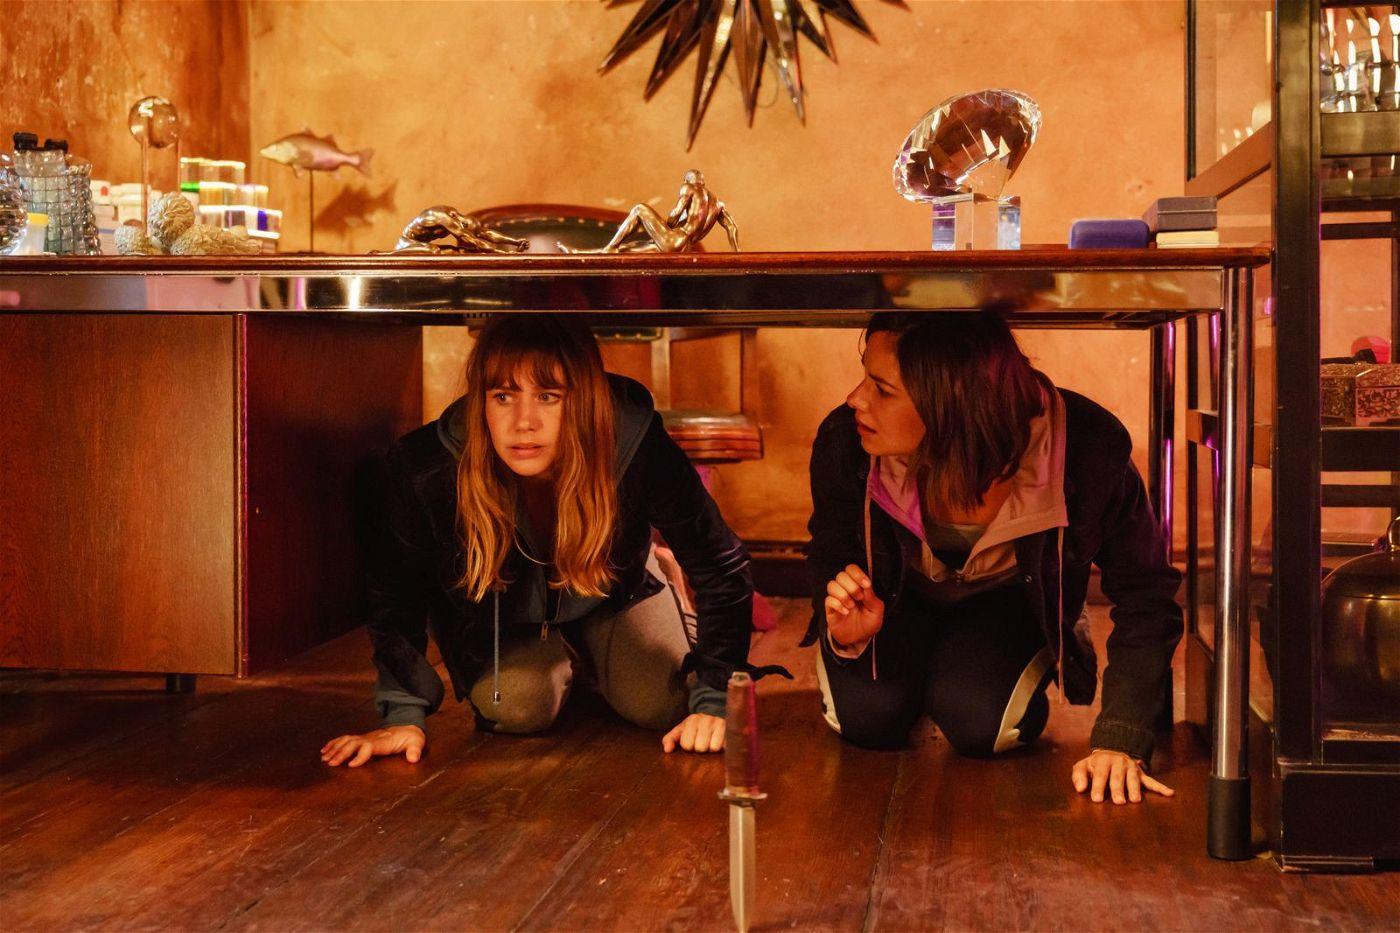 Noch ahnen Lolle (Felicitas Woll, links) und Dana (Janina Uhse) nicht, vor wem sie sich verstecken.